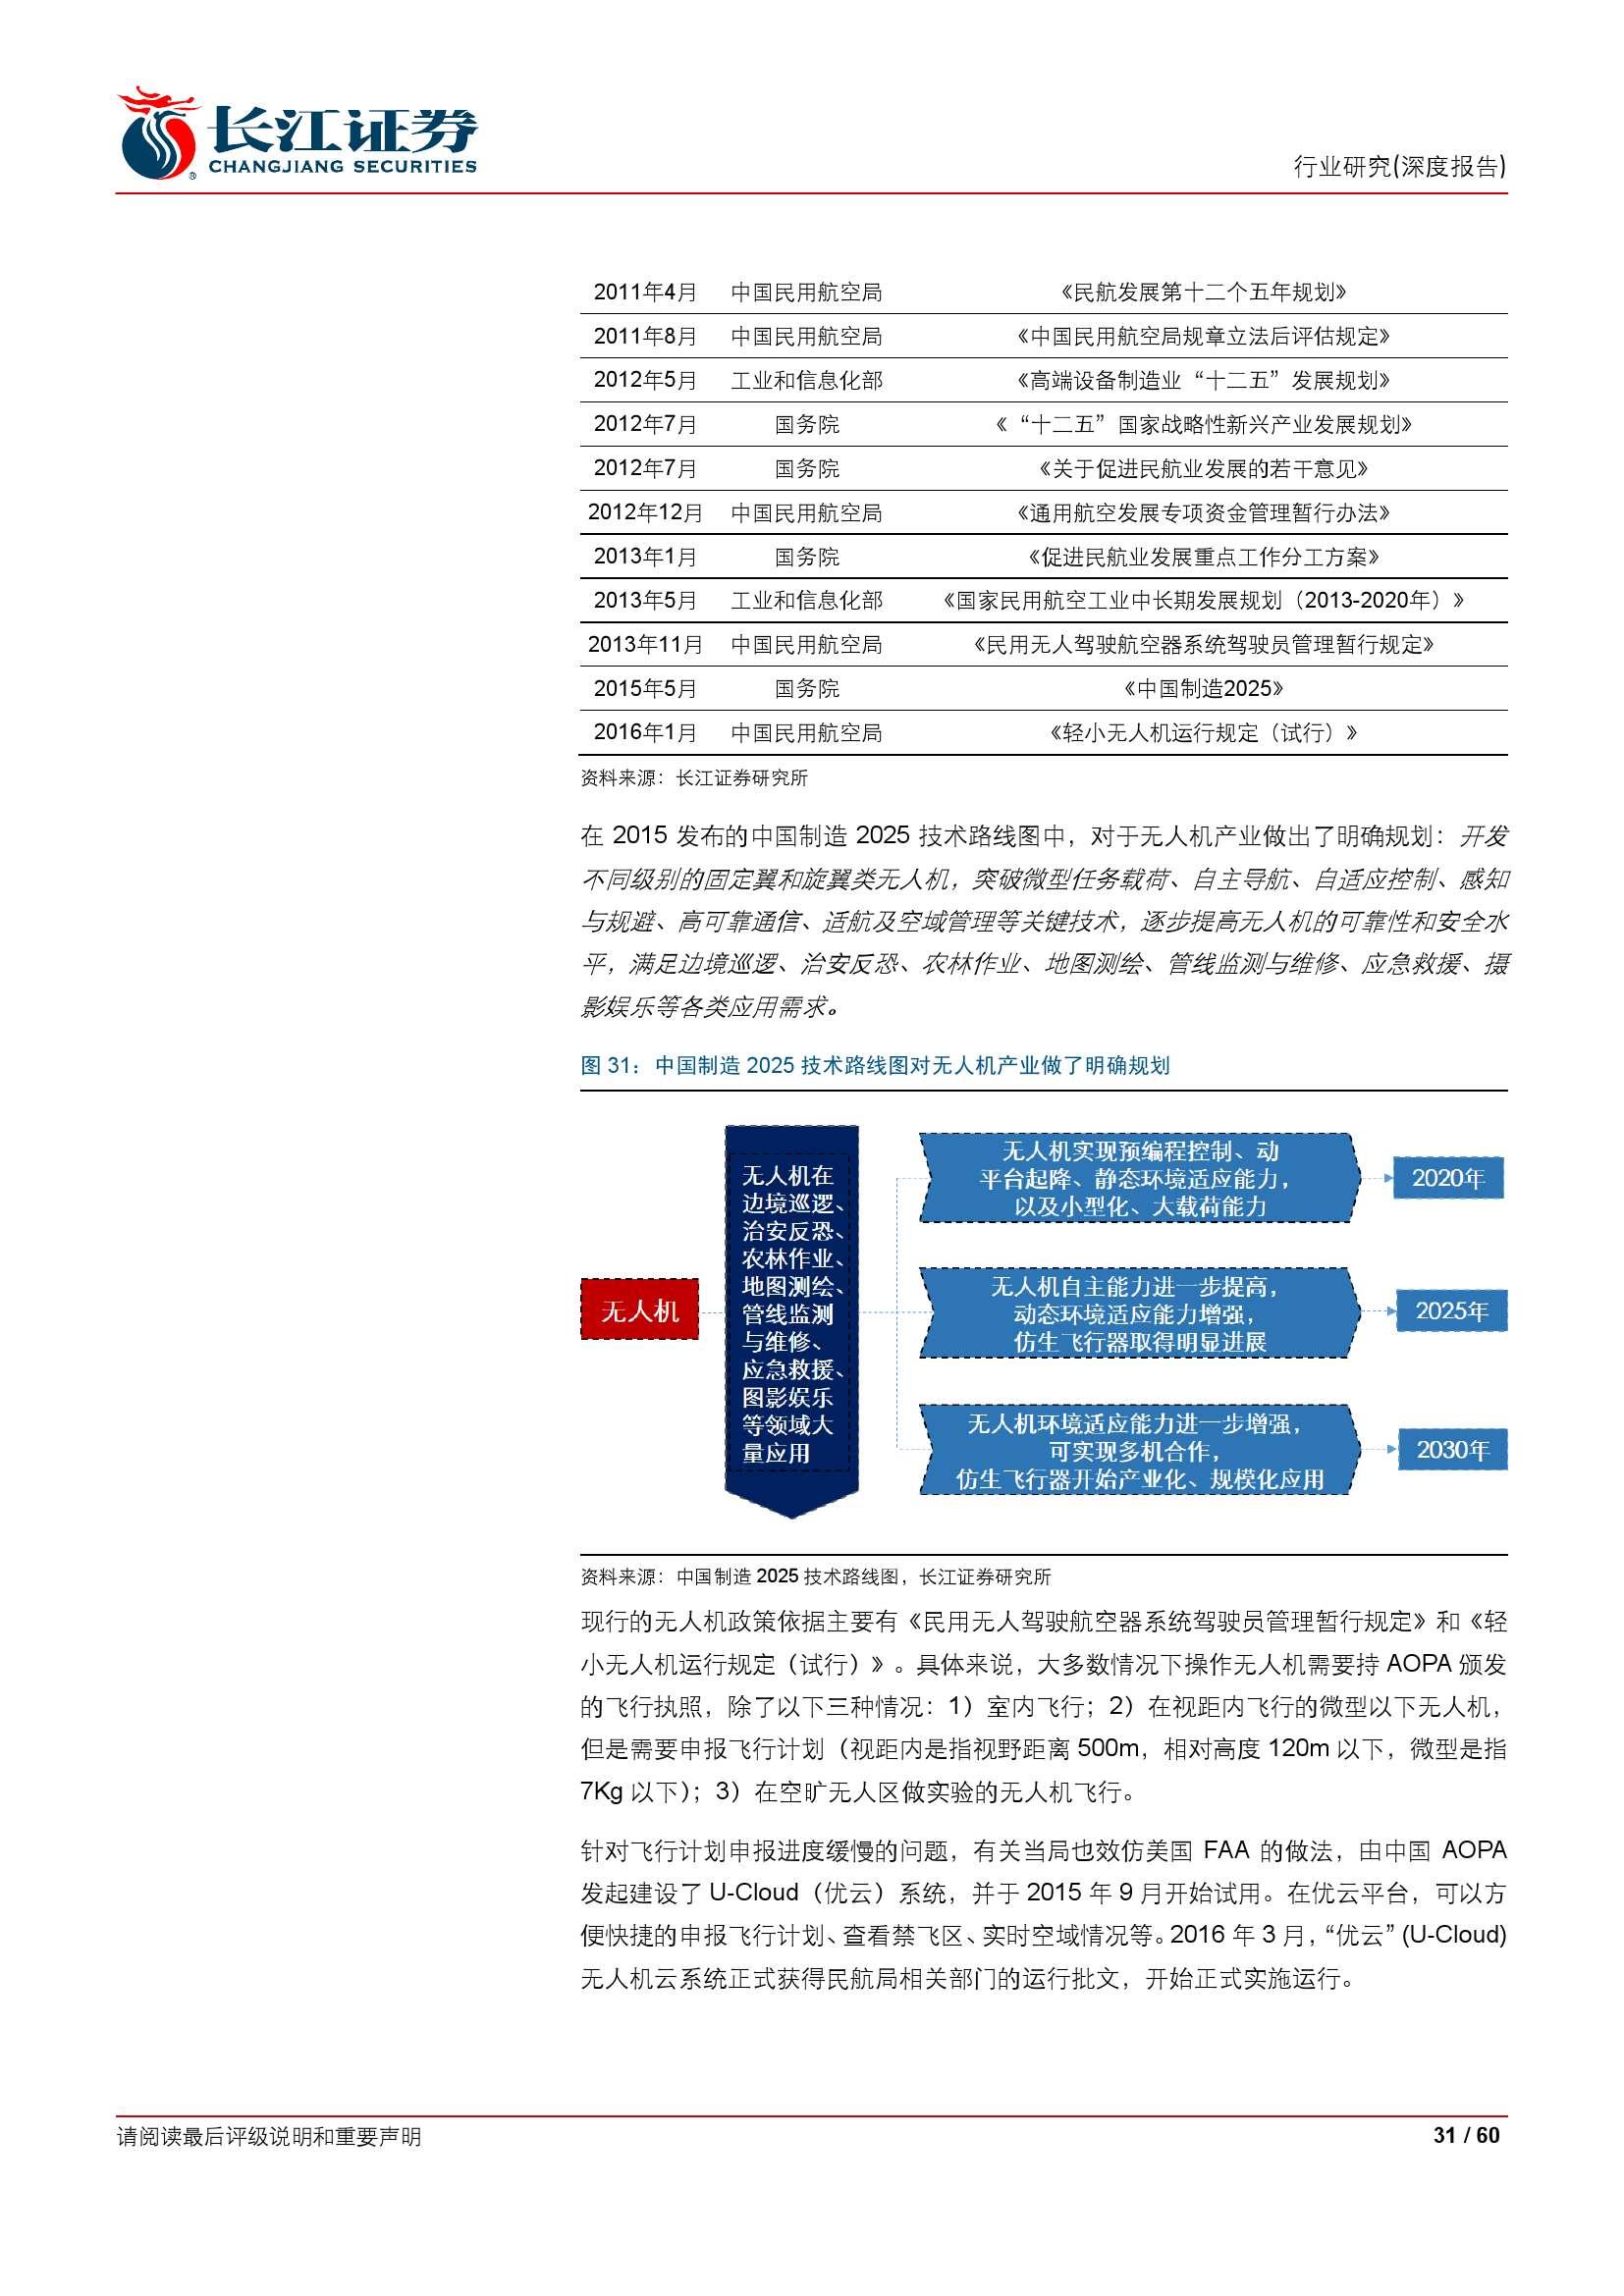 民用无人机行业深度报告_000031